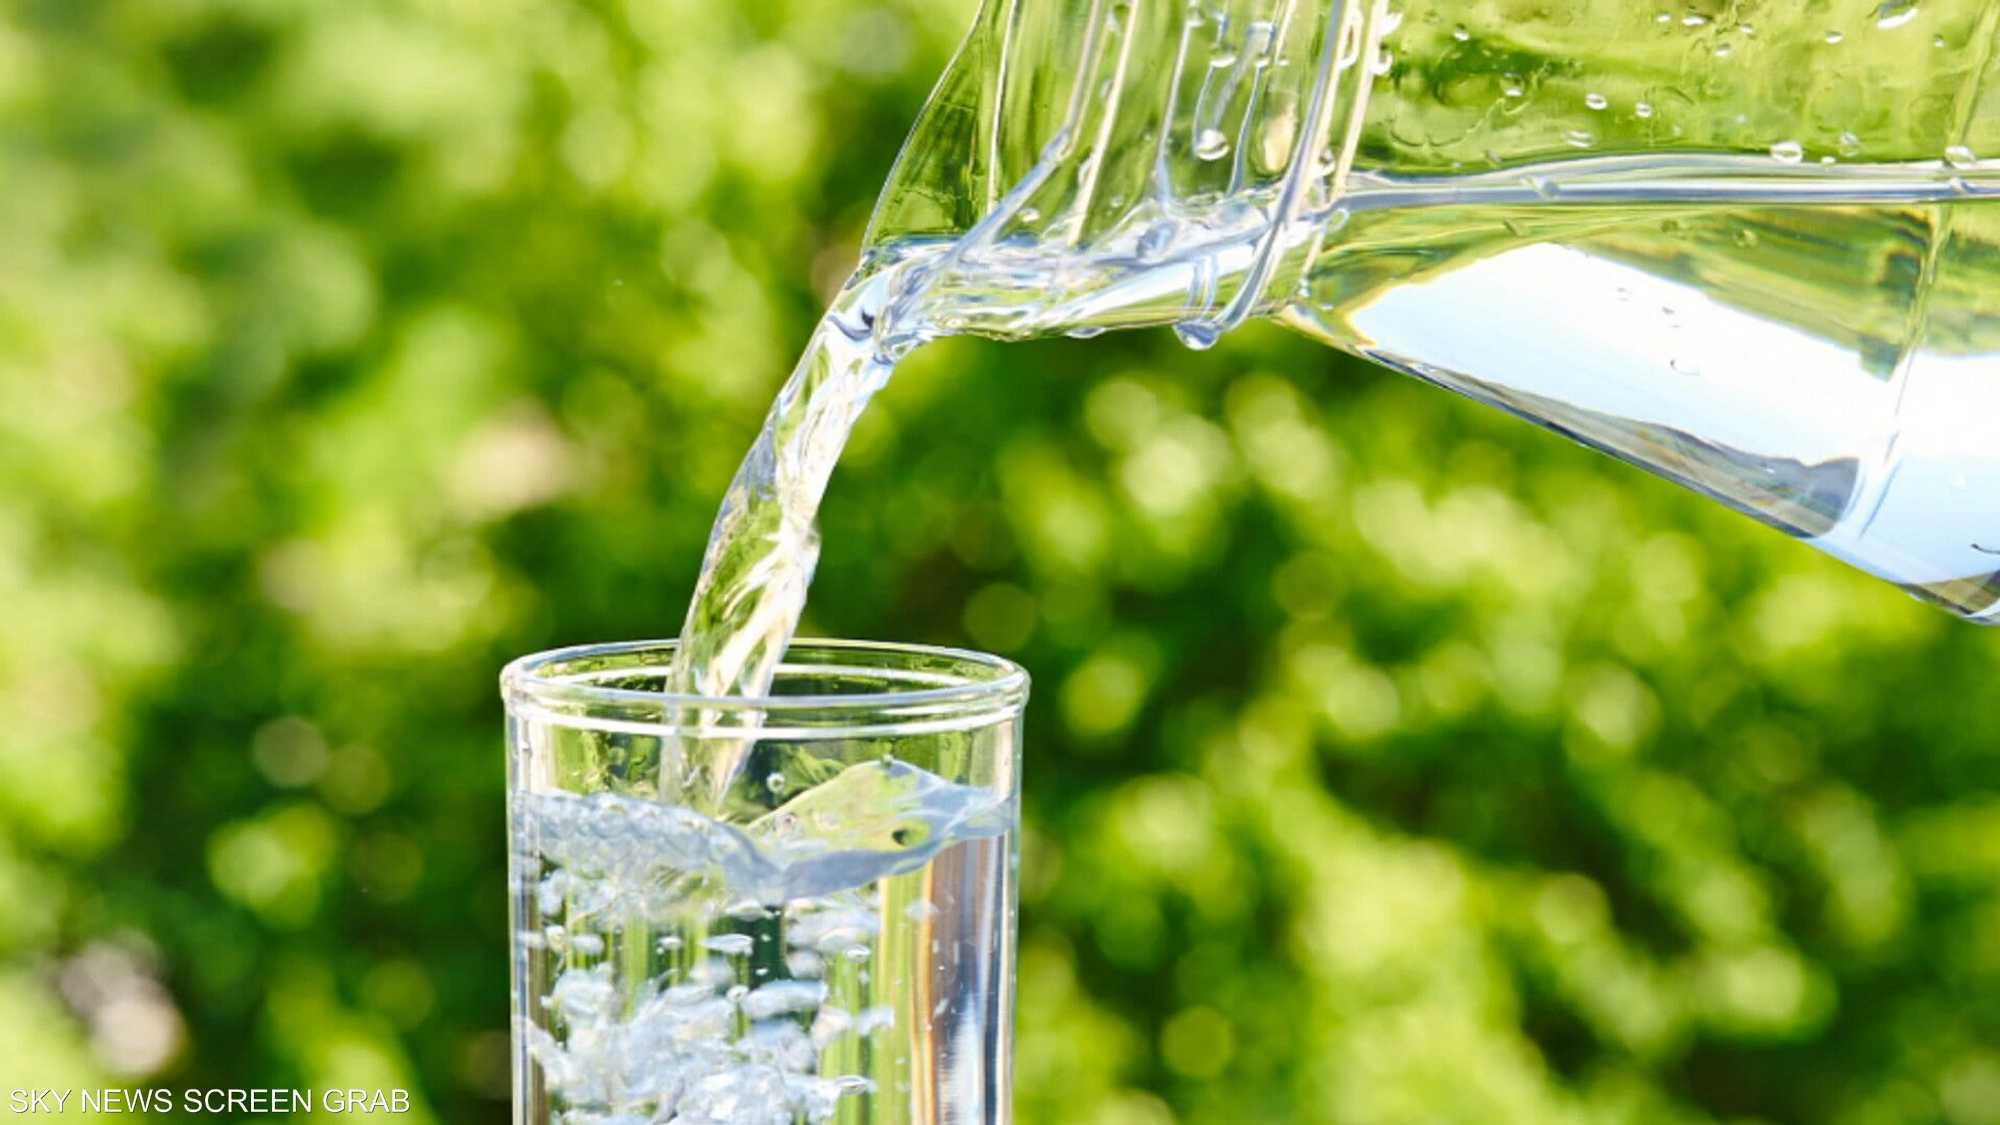 خبراء: شرب 8 أكواب من الماء يوميا ليست معلومة دقيقة